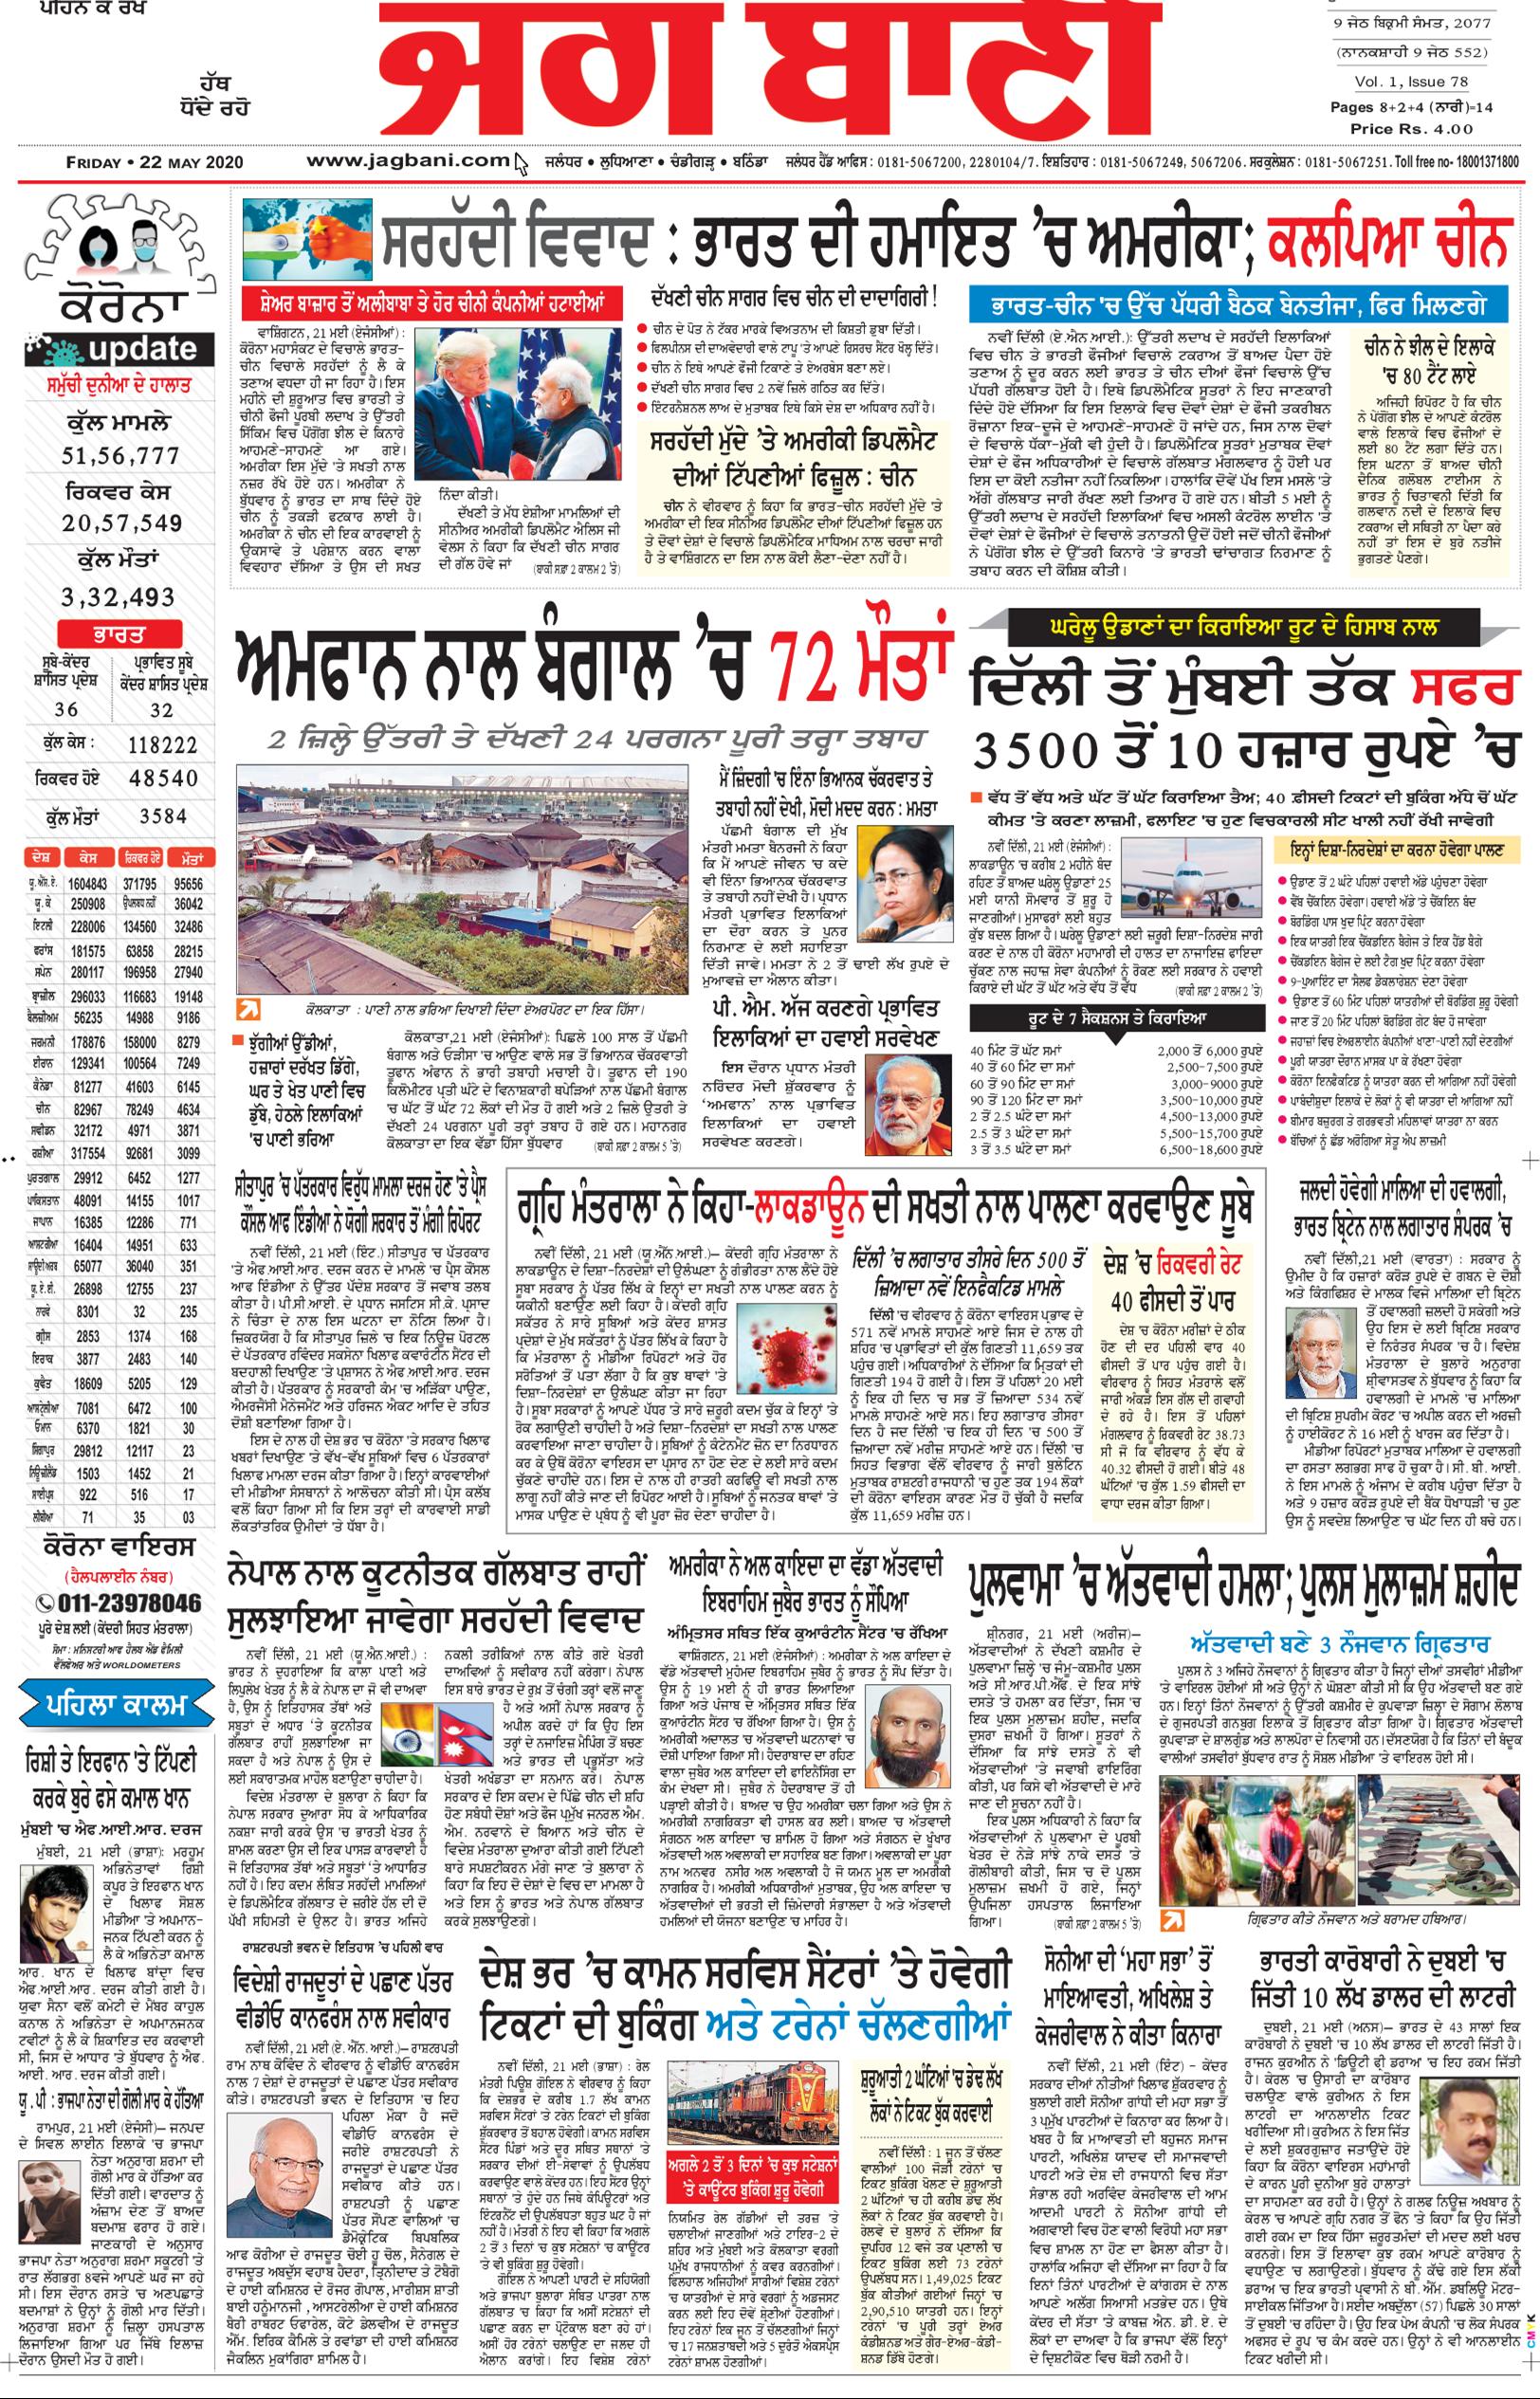 Chandigarh Main 5/22/2020 12:00:00 AM